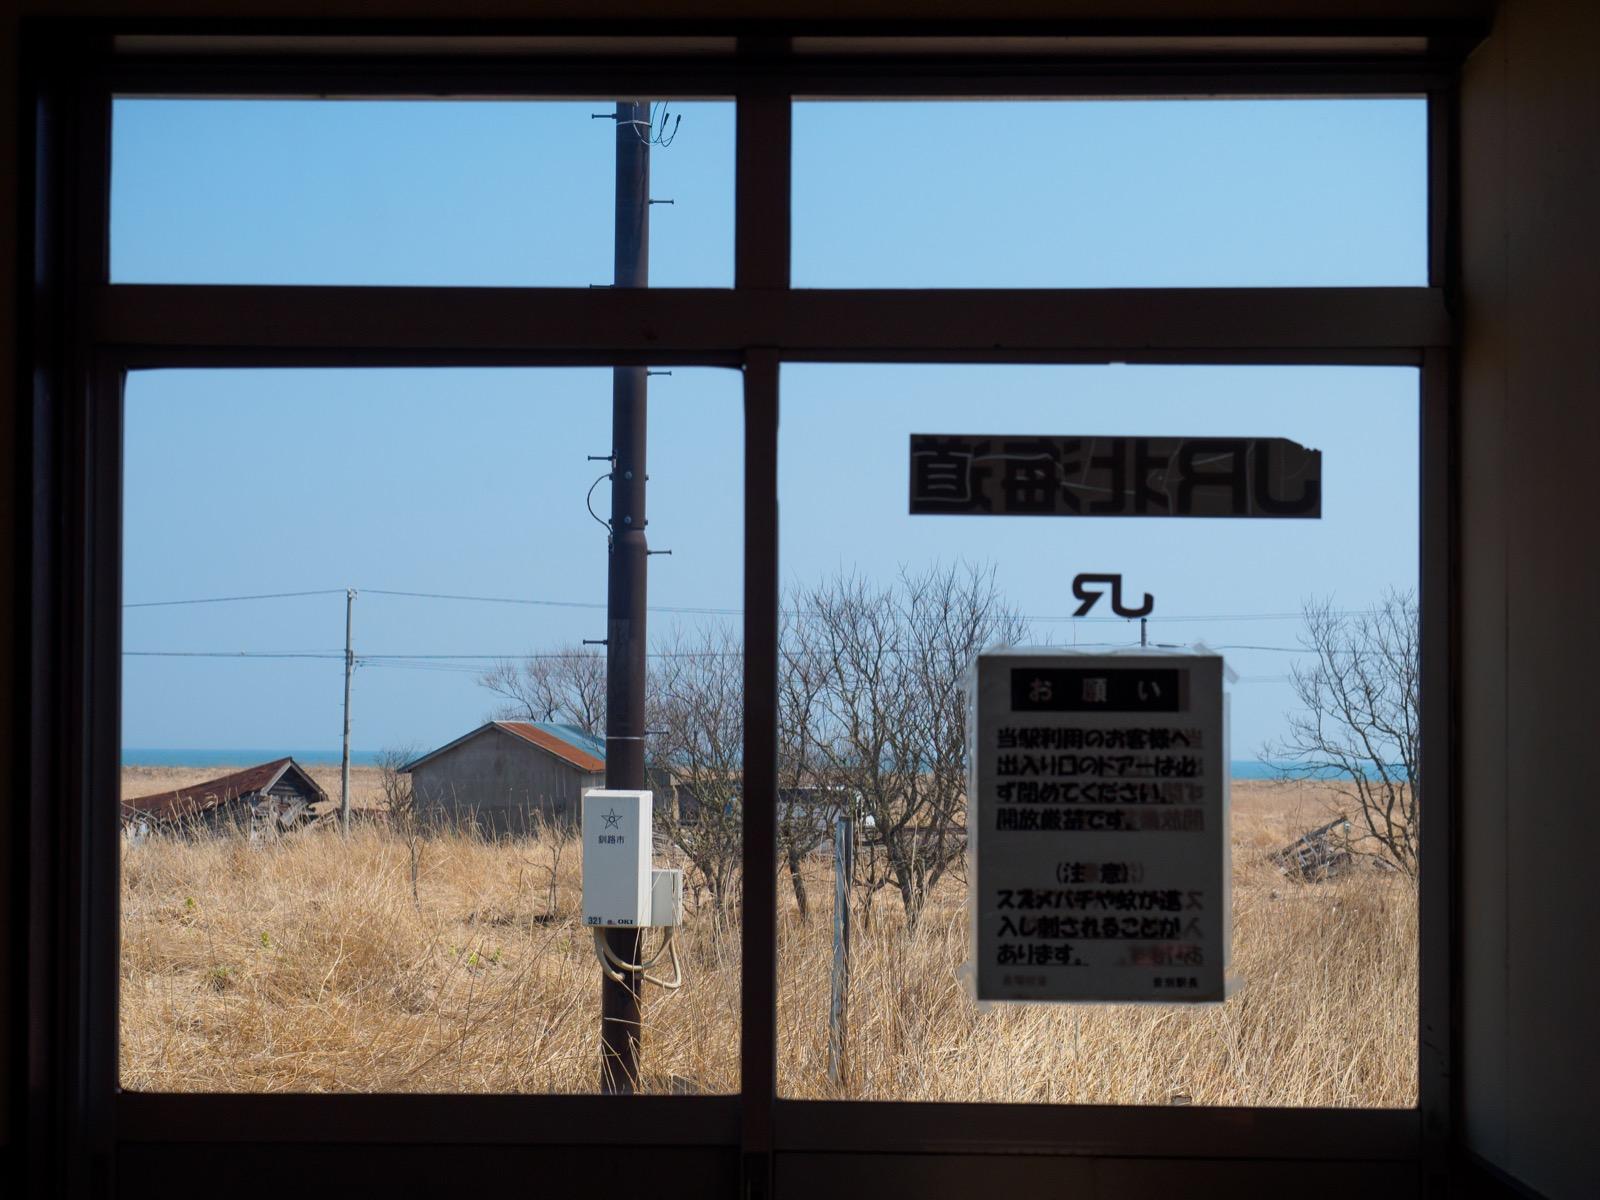 尺別駅の待合室から見える水平線